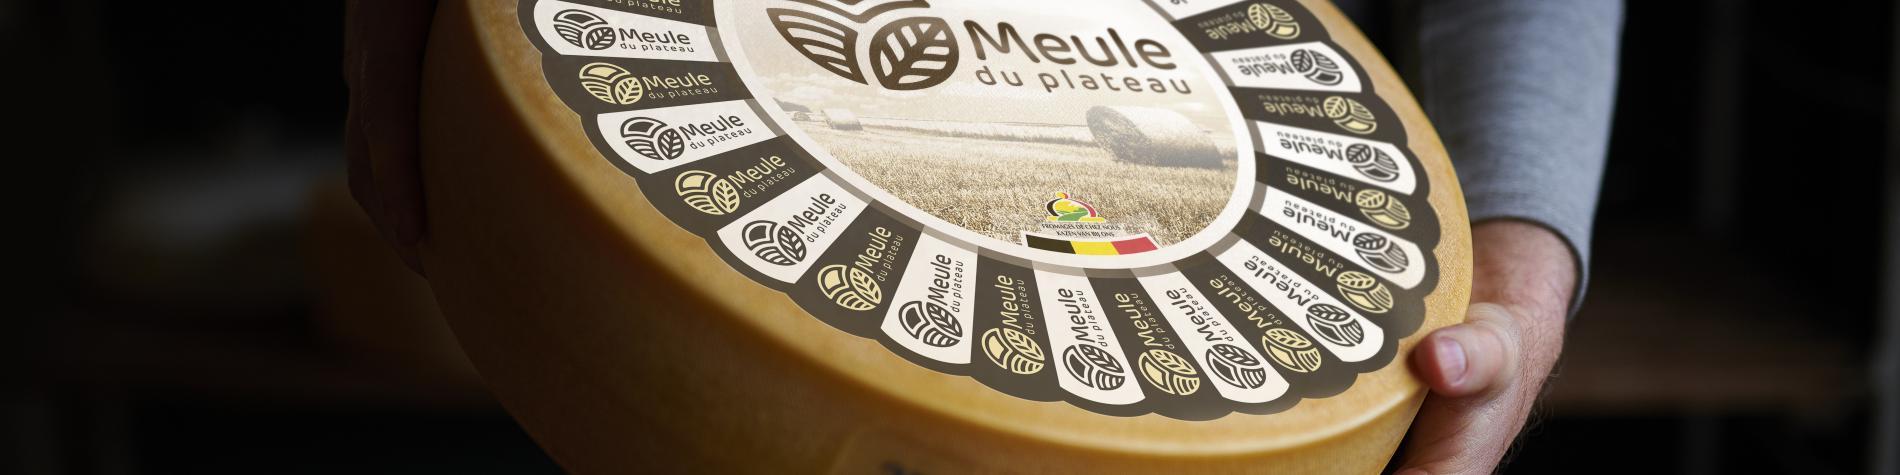 Meule entière du fromage 'La Meule du plateau'